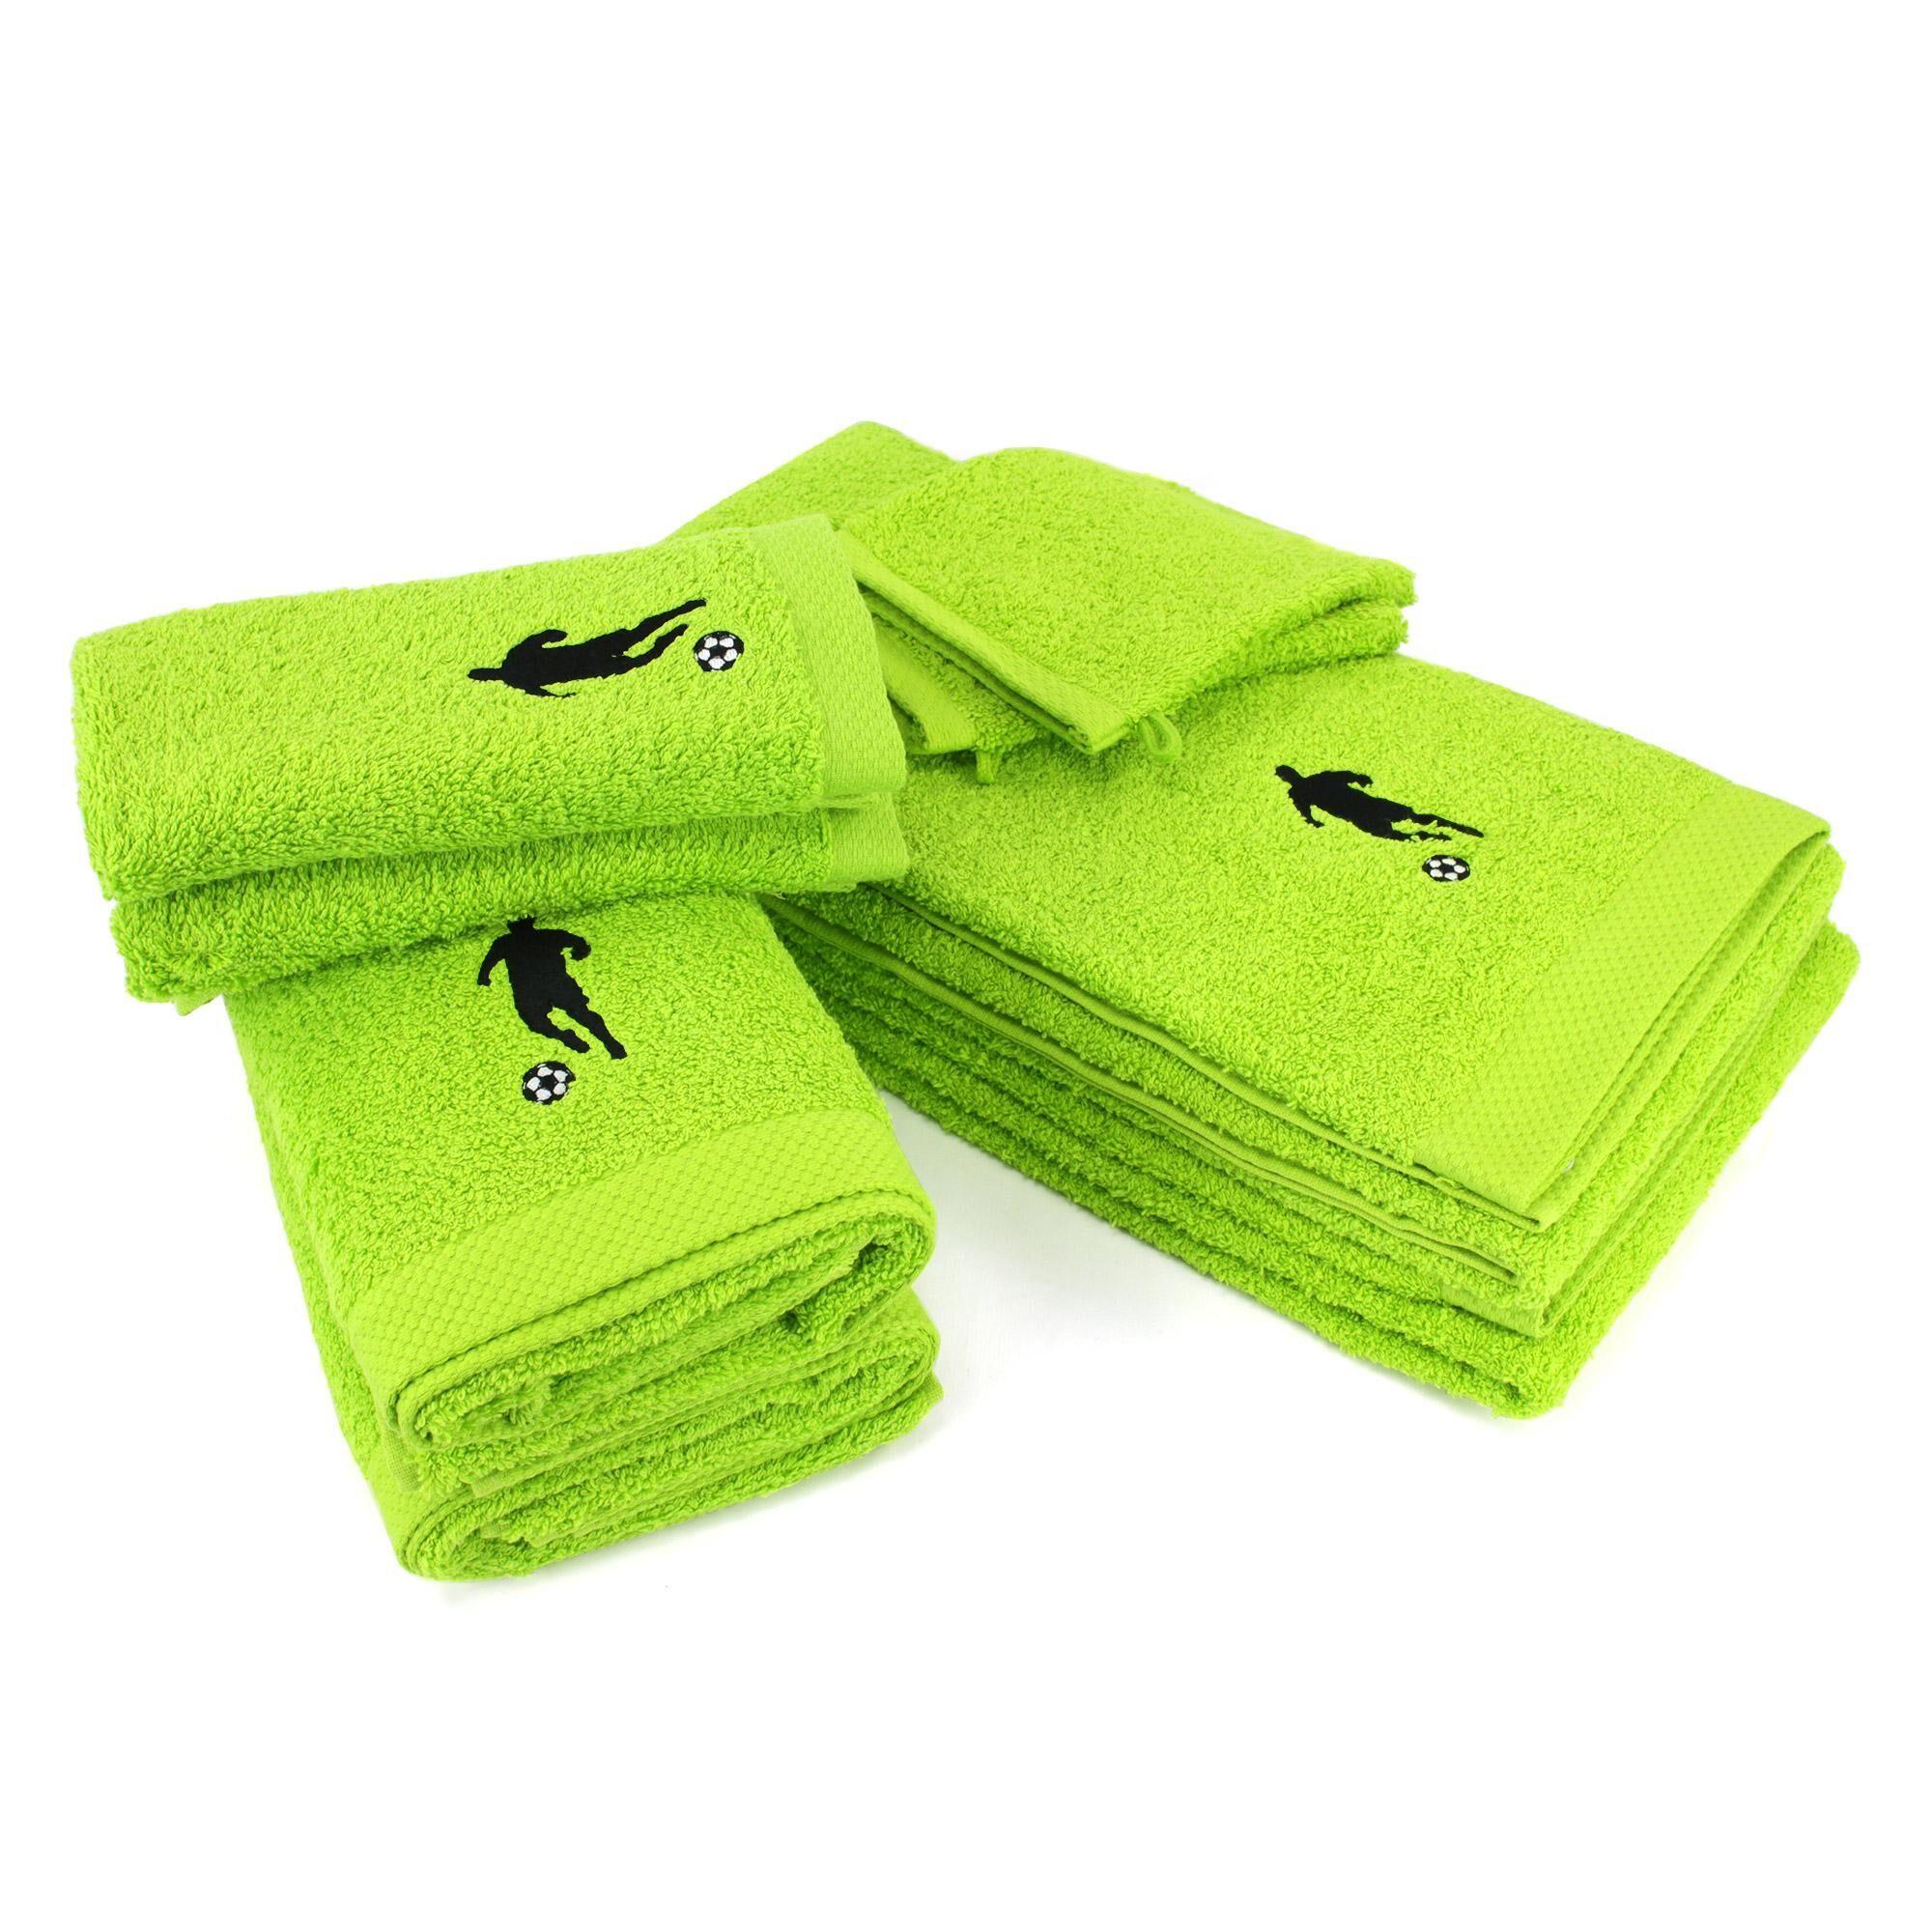 Linnea Parure de bain 8 pièces 100% coton 550 g/m2 PURE FOOTBALL Vert Pistache